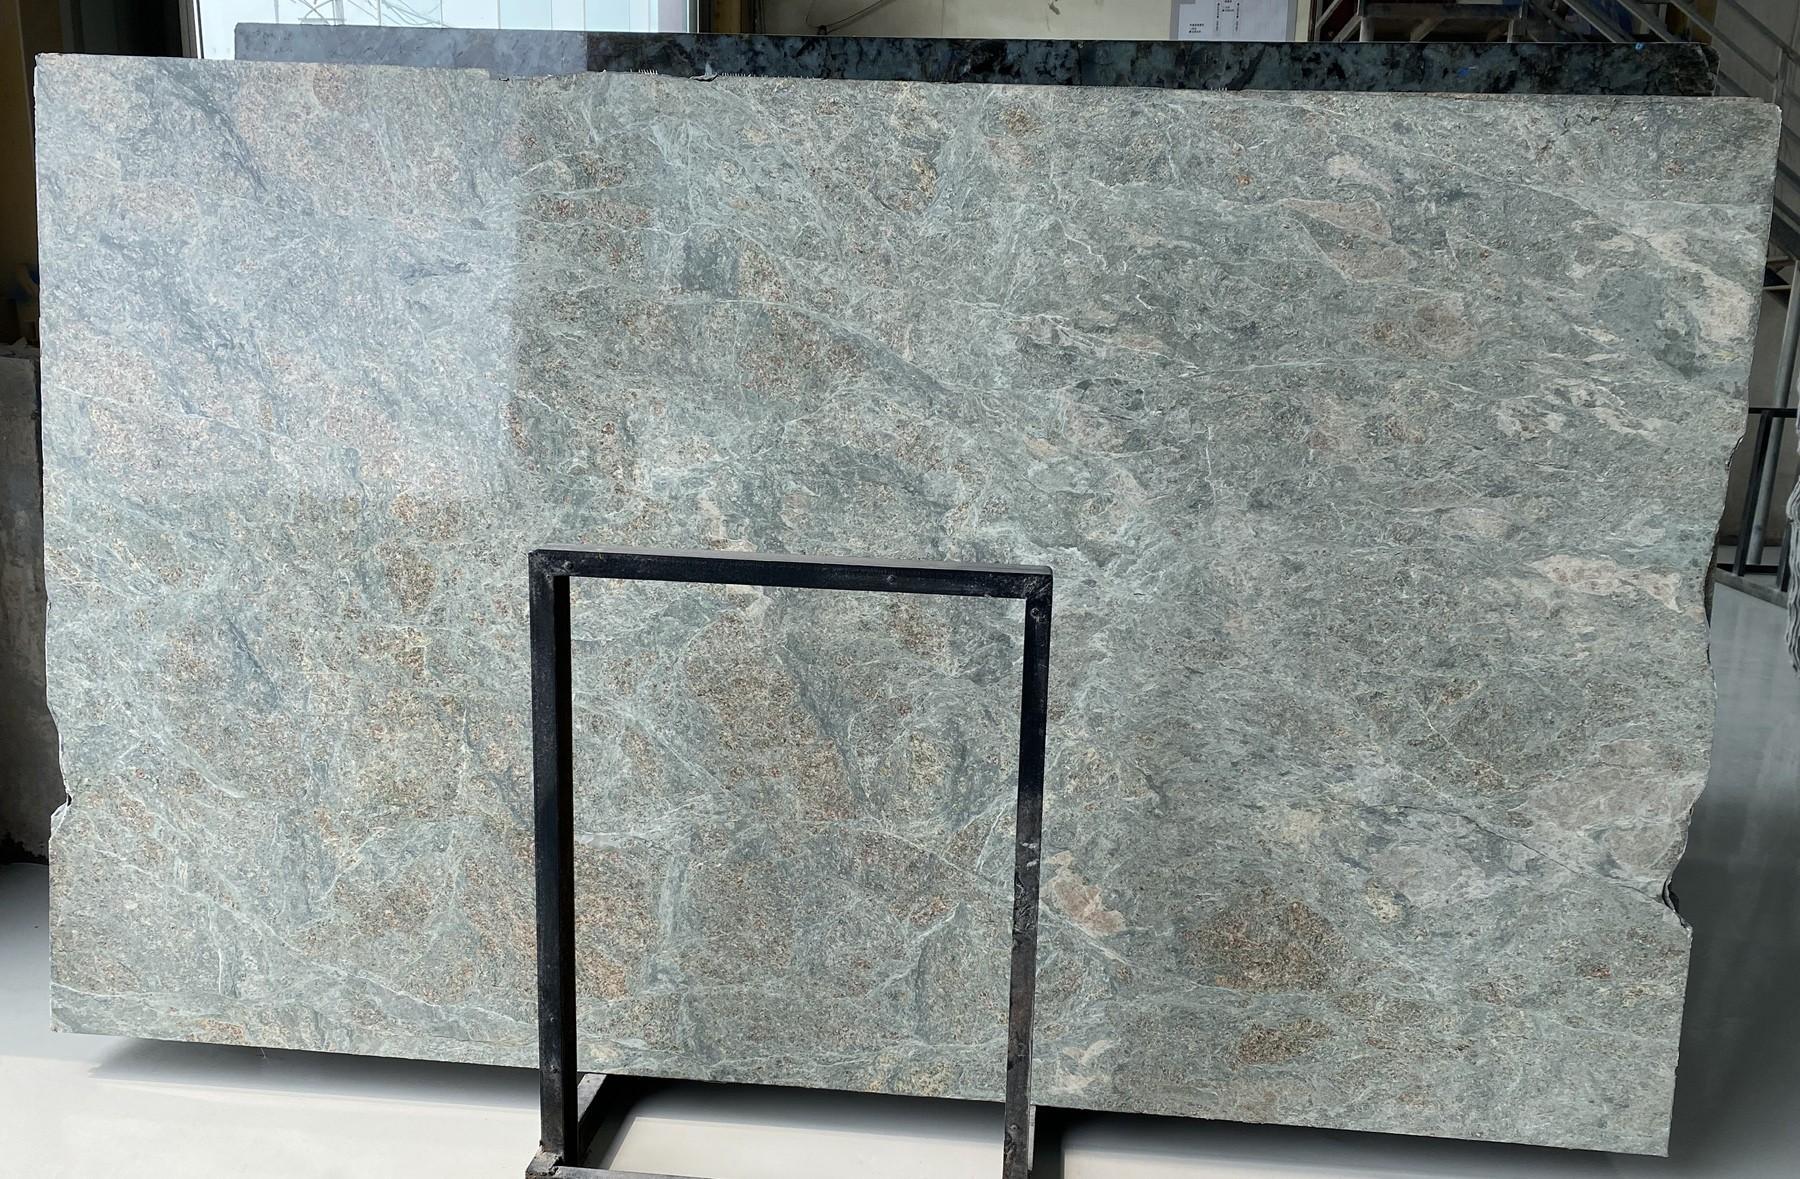 LT GREEN Suministro Fujian (China) de planchas pulidas en granito natural D2109 , Bundle #01